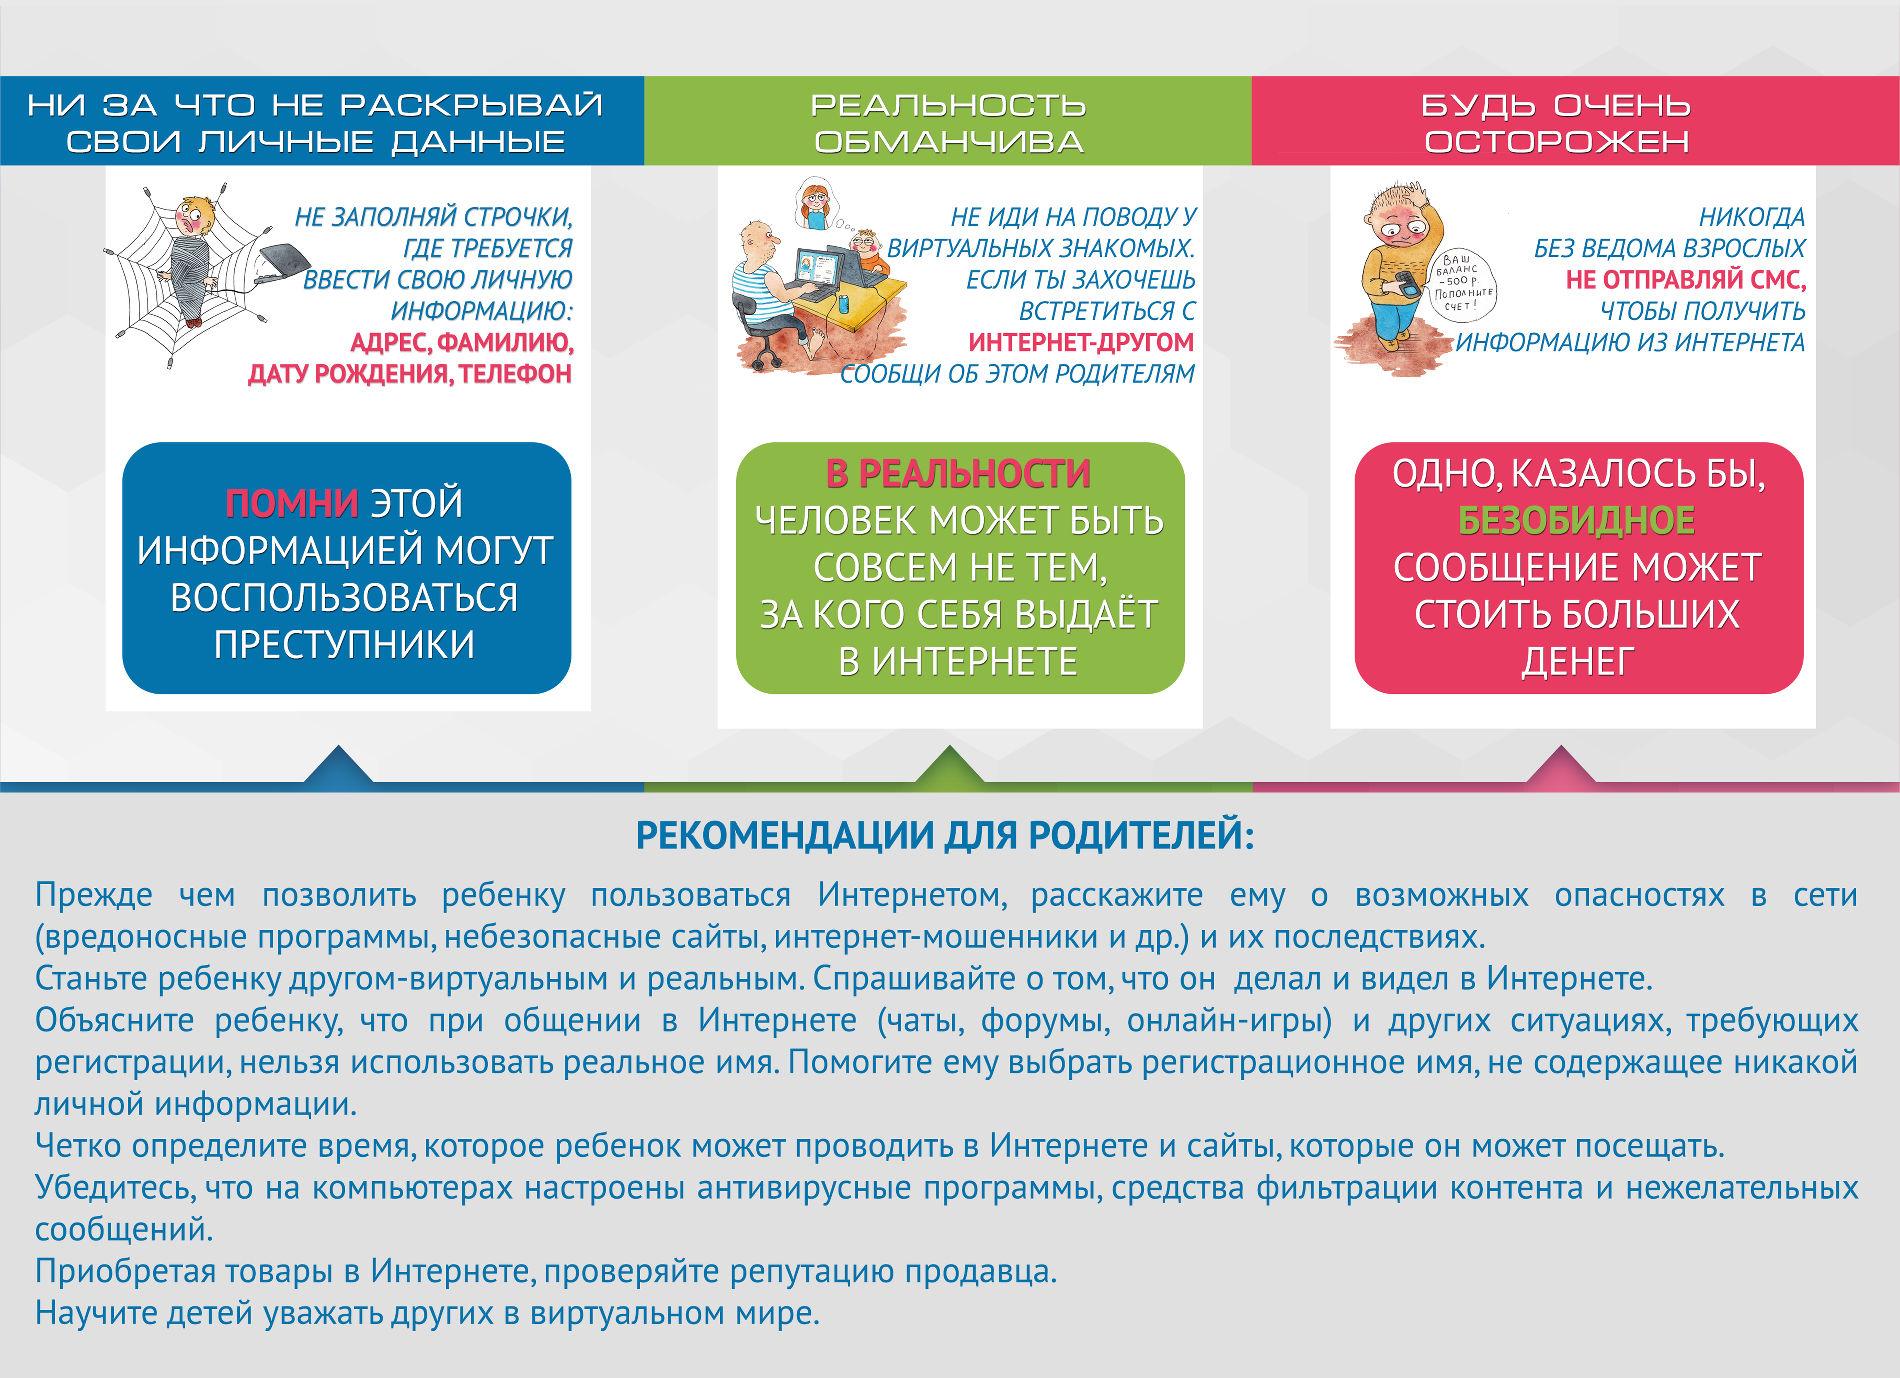 ©Фото пресс-службы ГУ МВД России по Краснодарскому краю